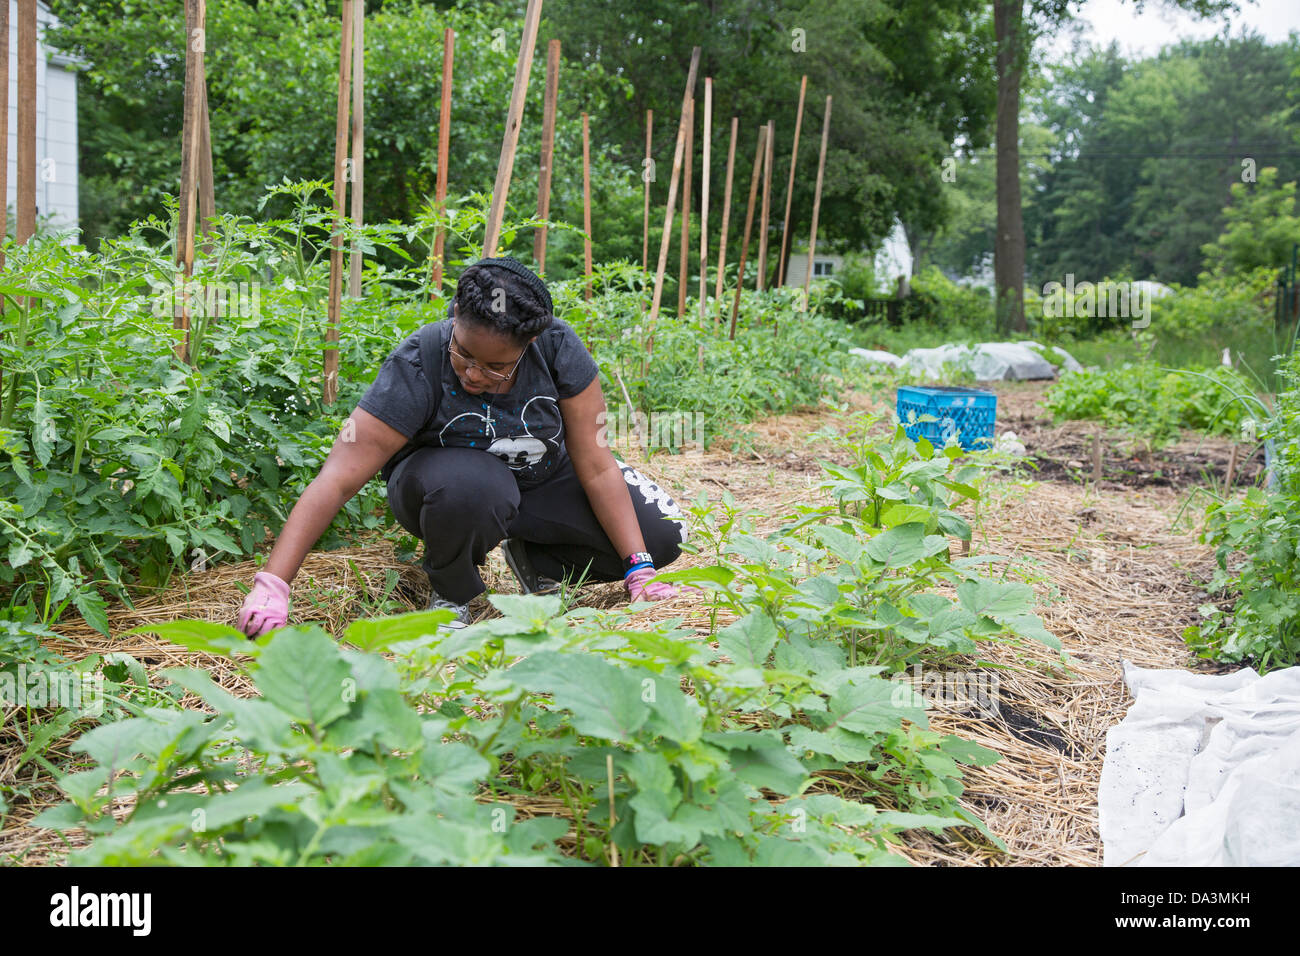 Ein Student arbeitet als Praktikant in einem Gemeinschaftsgarten in Brightmoor, eines der am meisten beunruhigte Stockbild